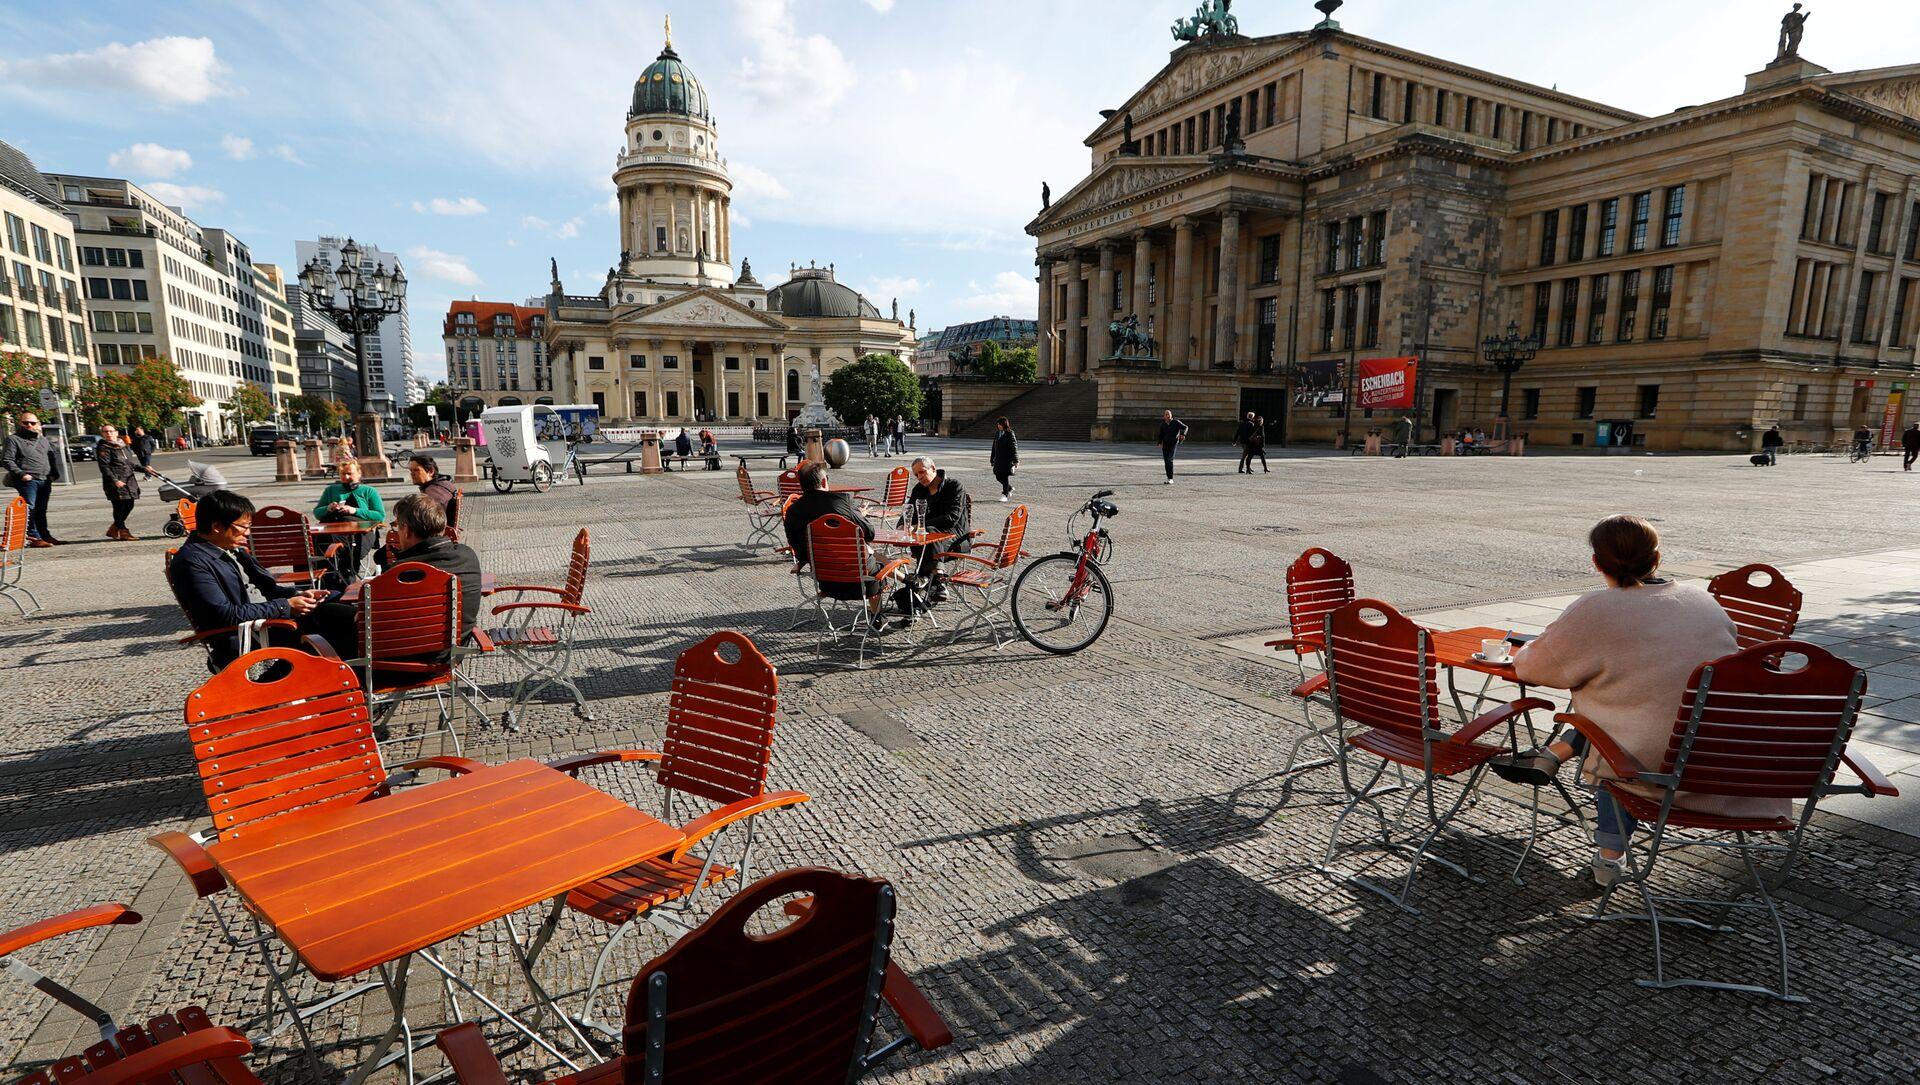 Люди наслаждаются погодой в кафе на площади Жандарменмаркт в Берлине, соблюдая принцип социальной дистанции - Sputnik Аҧсны, 1920, 16.02.2021